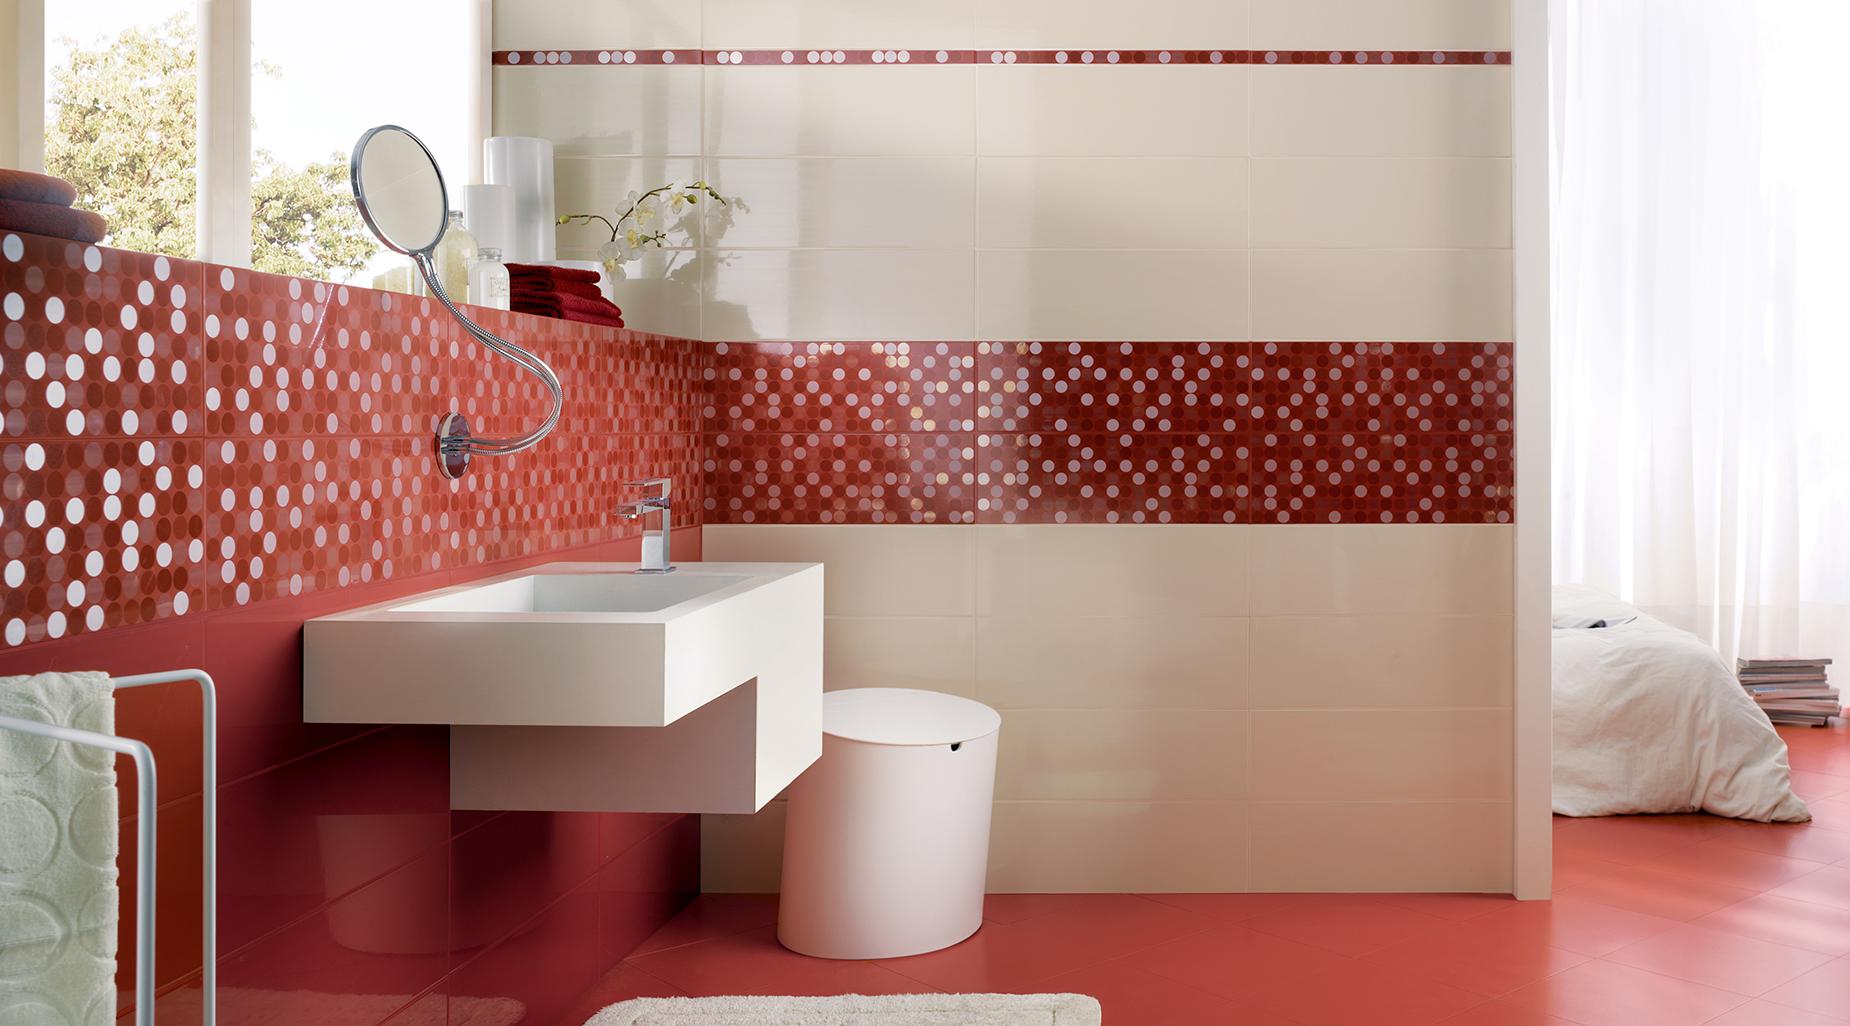 Bagno mosaico rosso idee per la casa douglasfalls